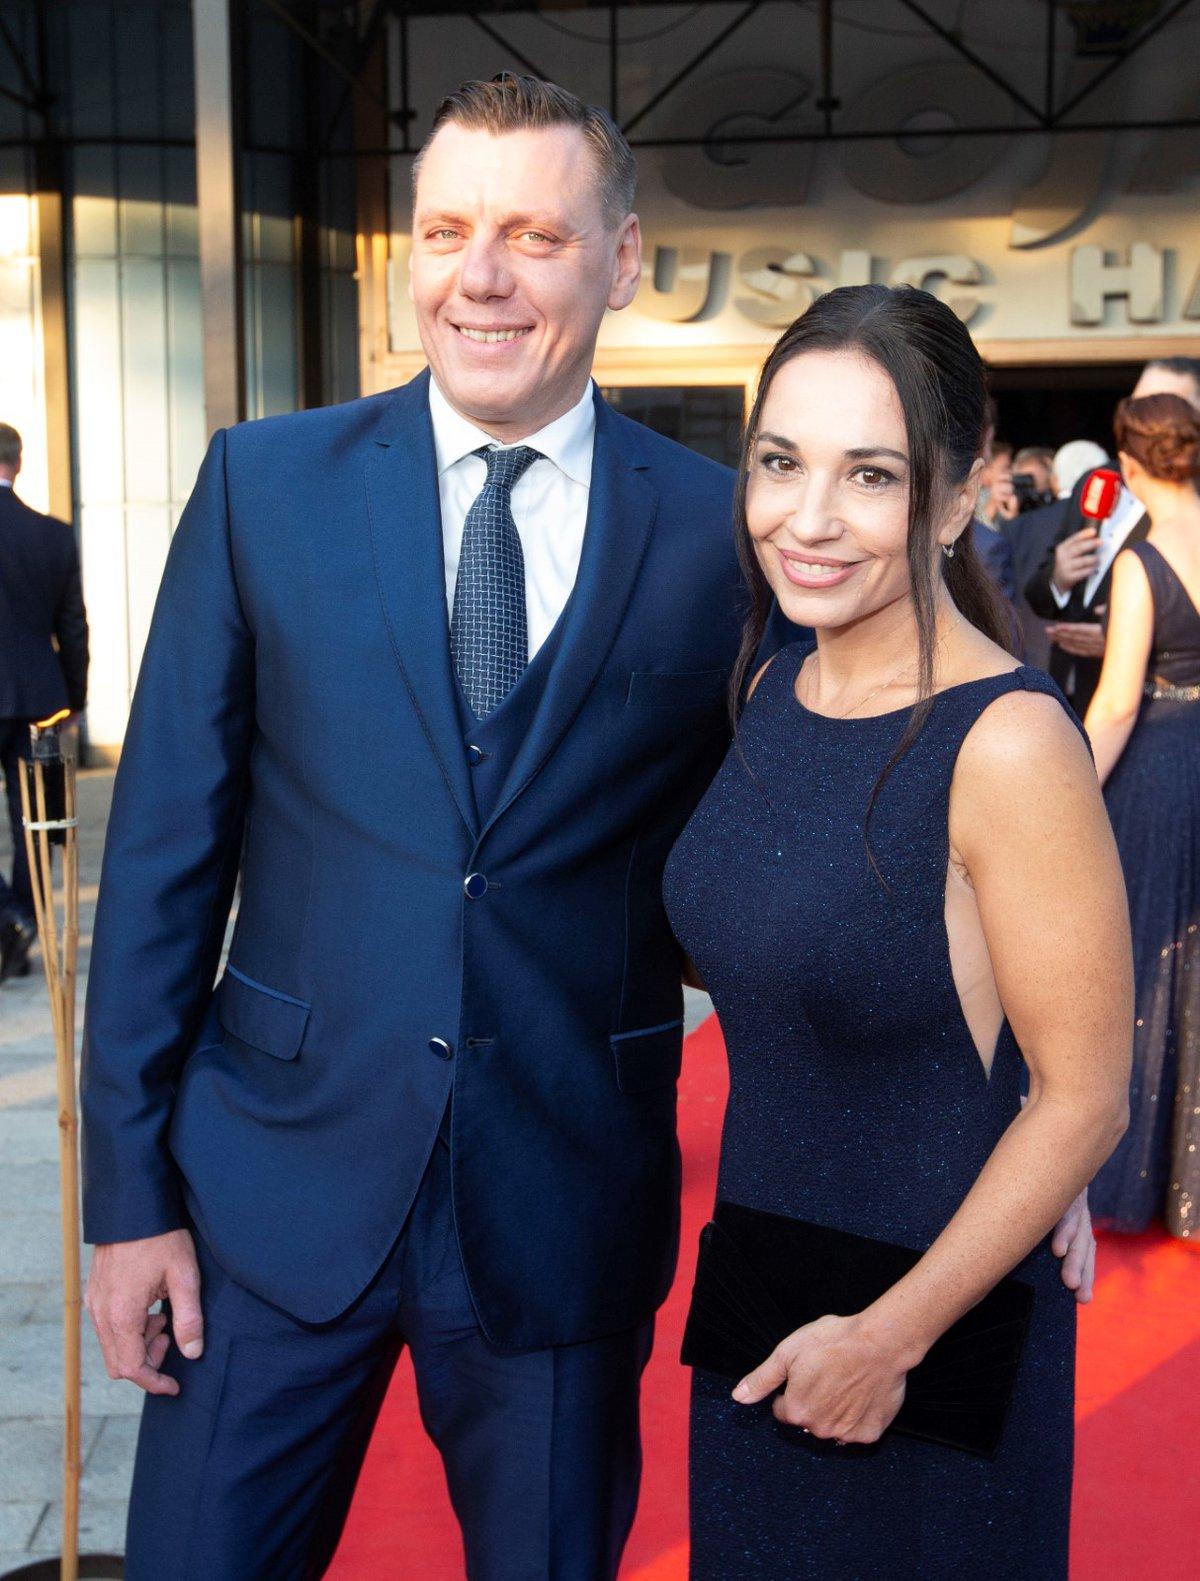 Premiéra muzikálu Čarodějka: Michaela Kuklová s přítelem